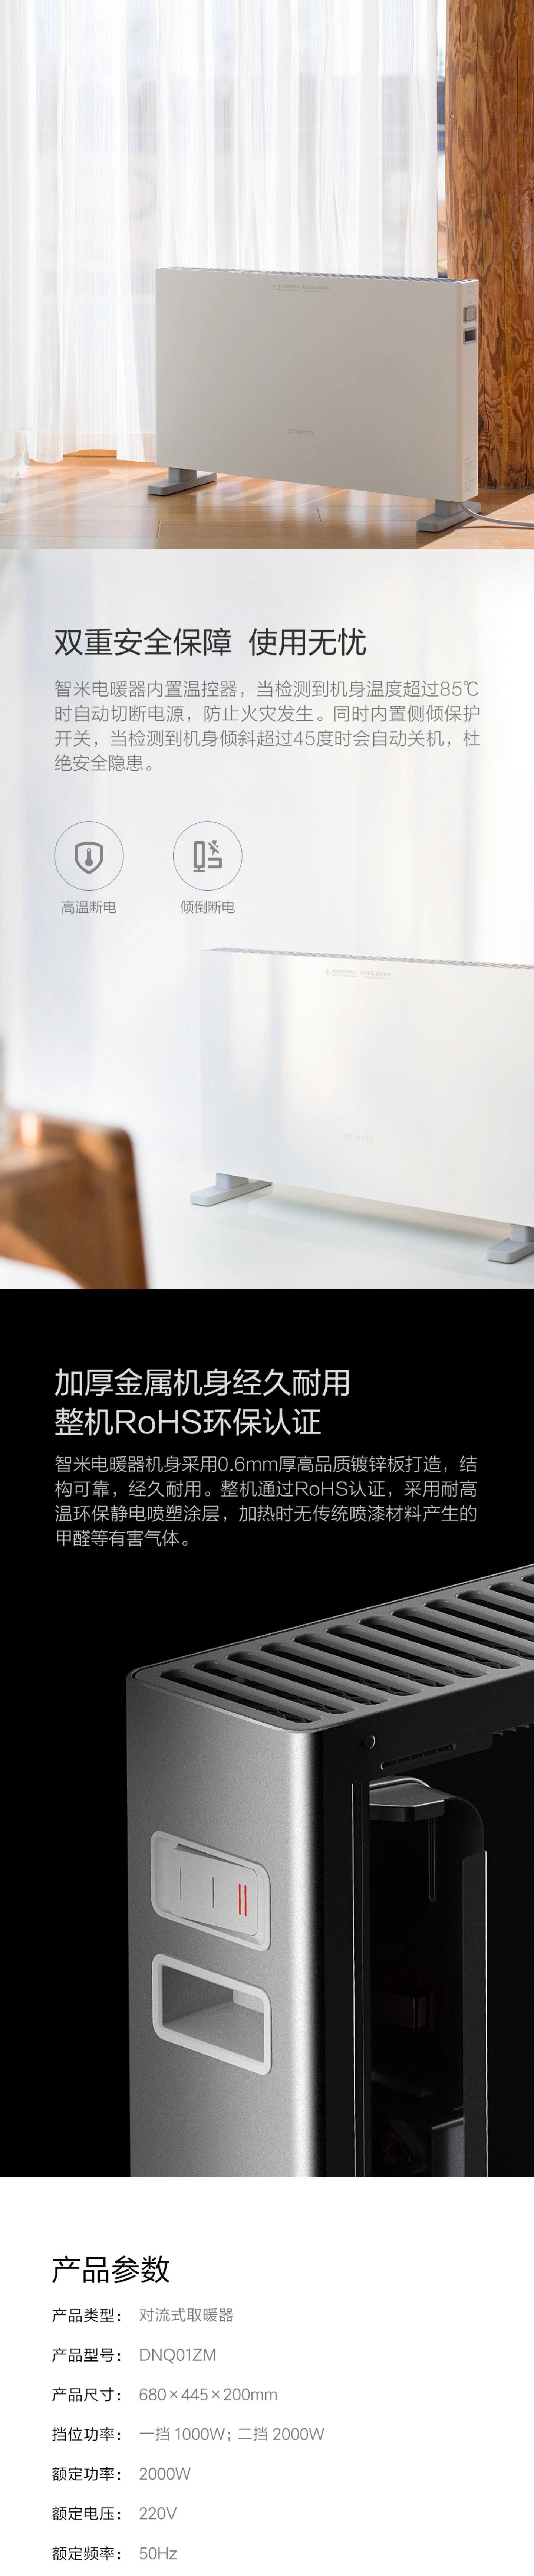 智米電暖器